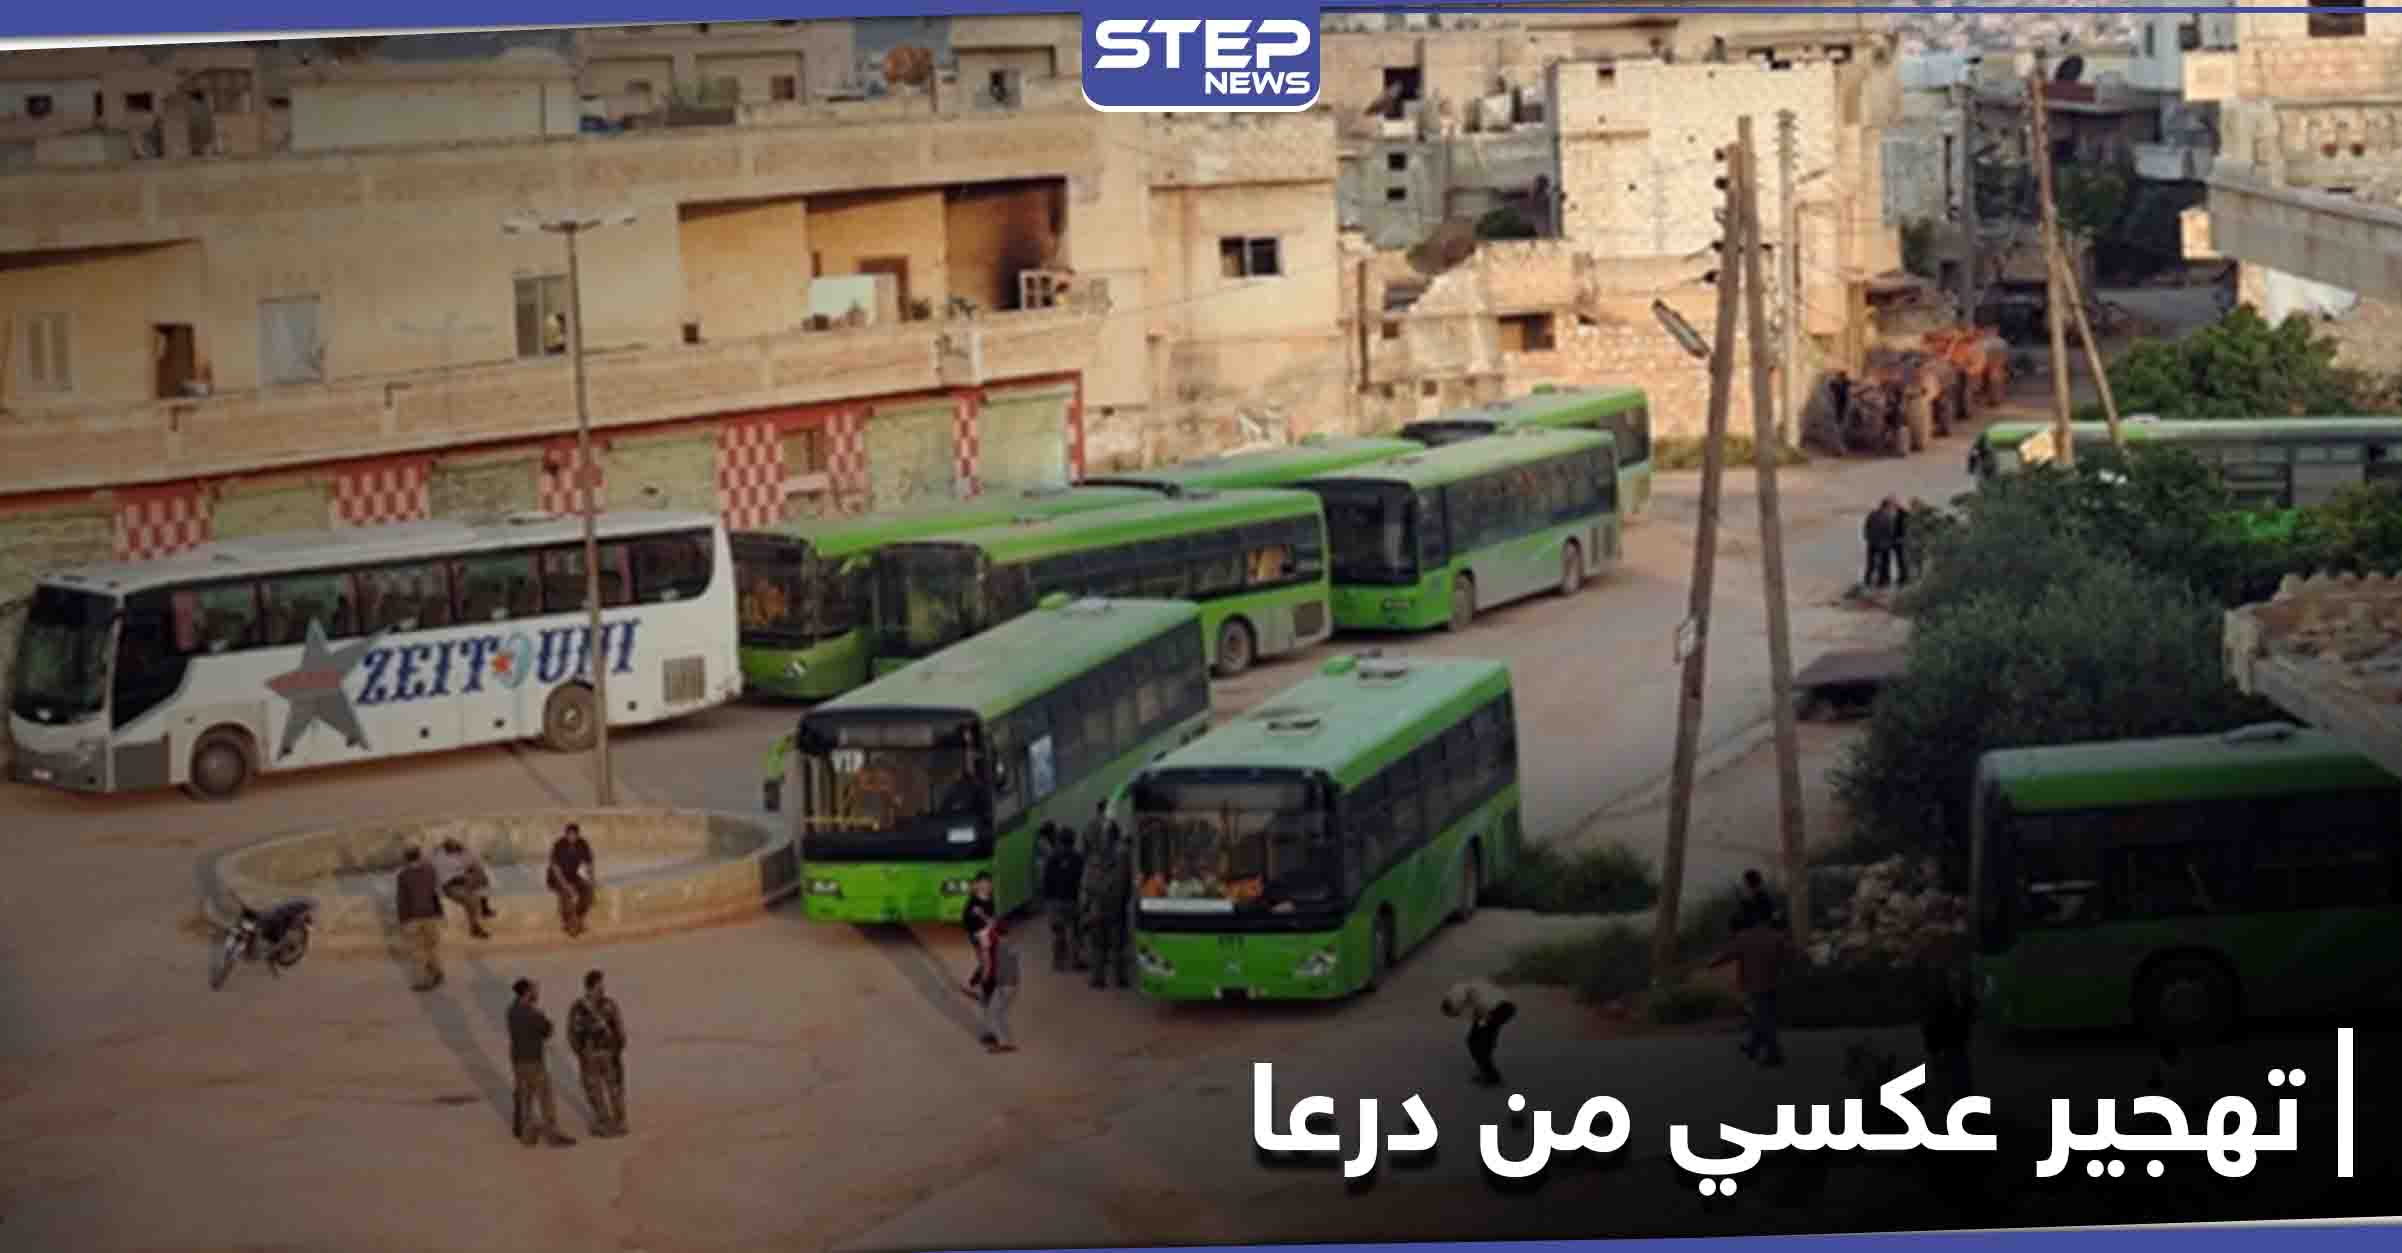 خاص|| بخلاف المعتاد... أول تهجير عكسي لعائلات النظام السوري بدرعا إثر اتفاقية شملت عدة محاور